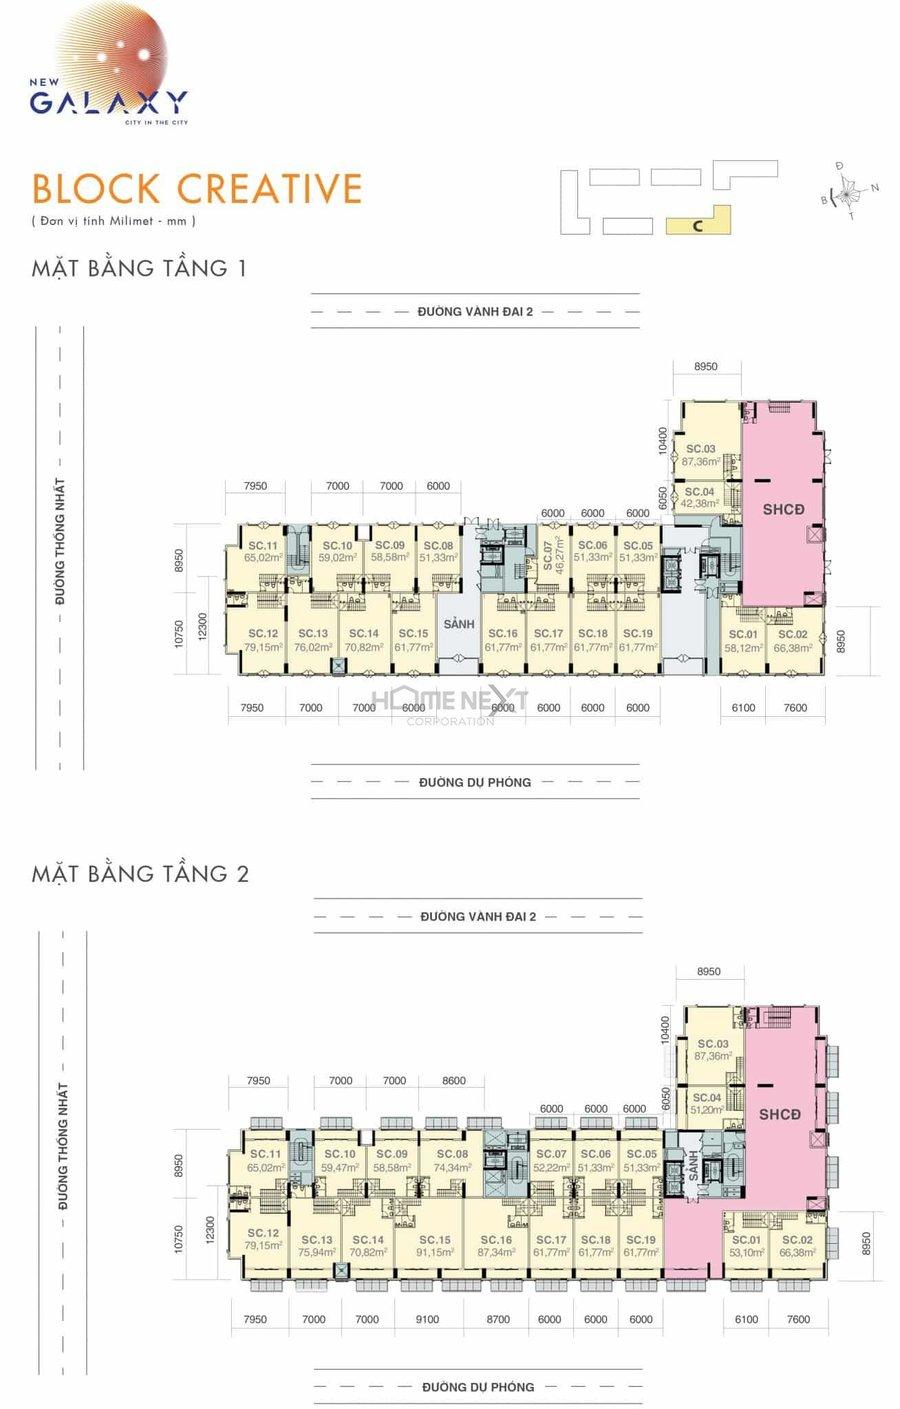 Dự án căn hộ cao cấp New Galaxy Dĩ An sở hữu 6 block với độ cao 19 tầng, 1 tầng hầm liên thông giữa các block và 95 căn shophouse.